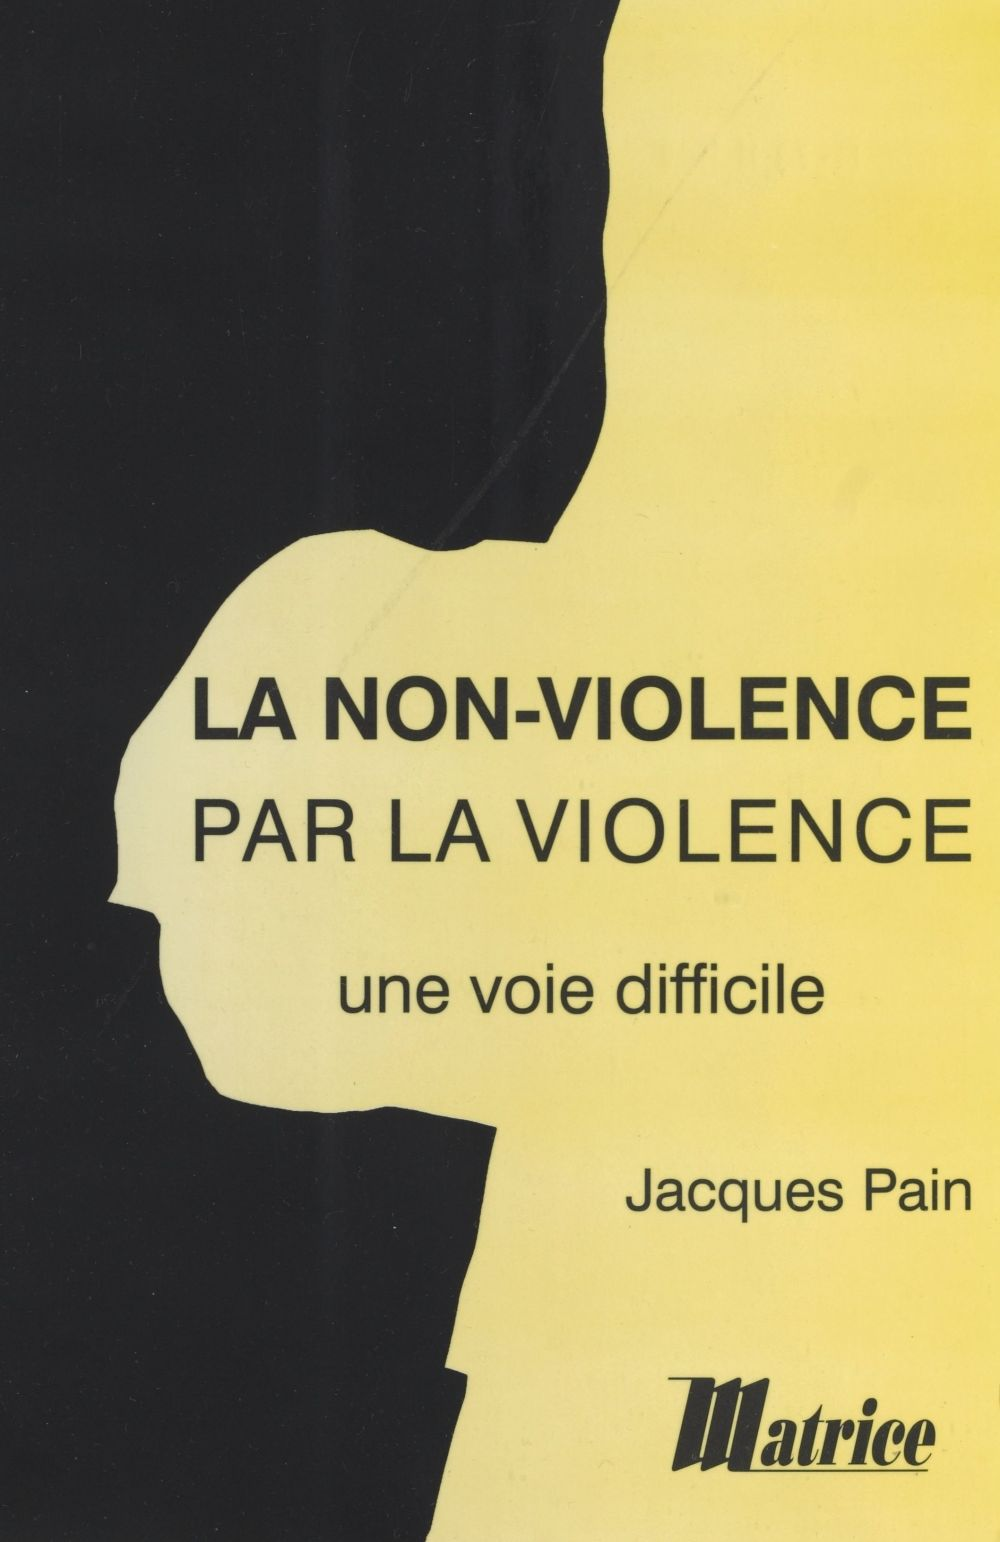 La non violence par la violence